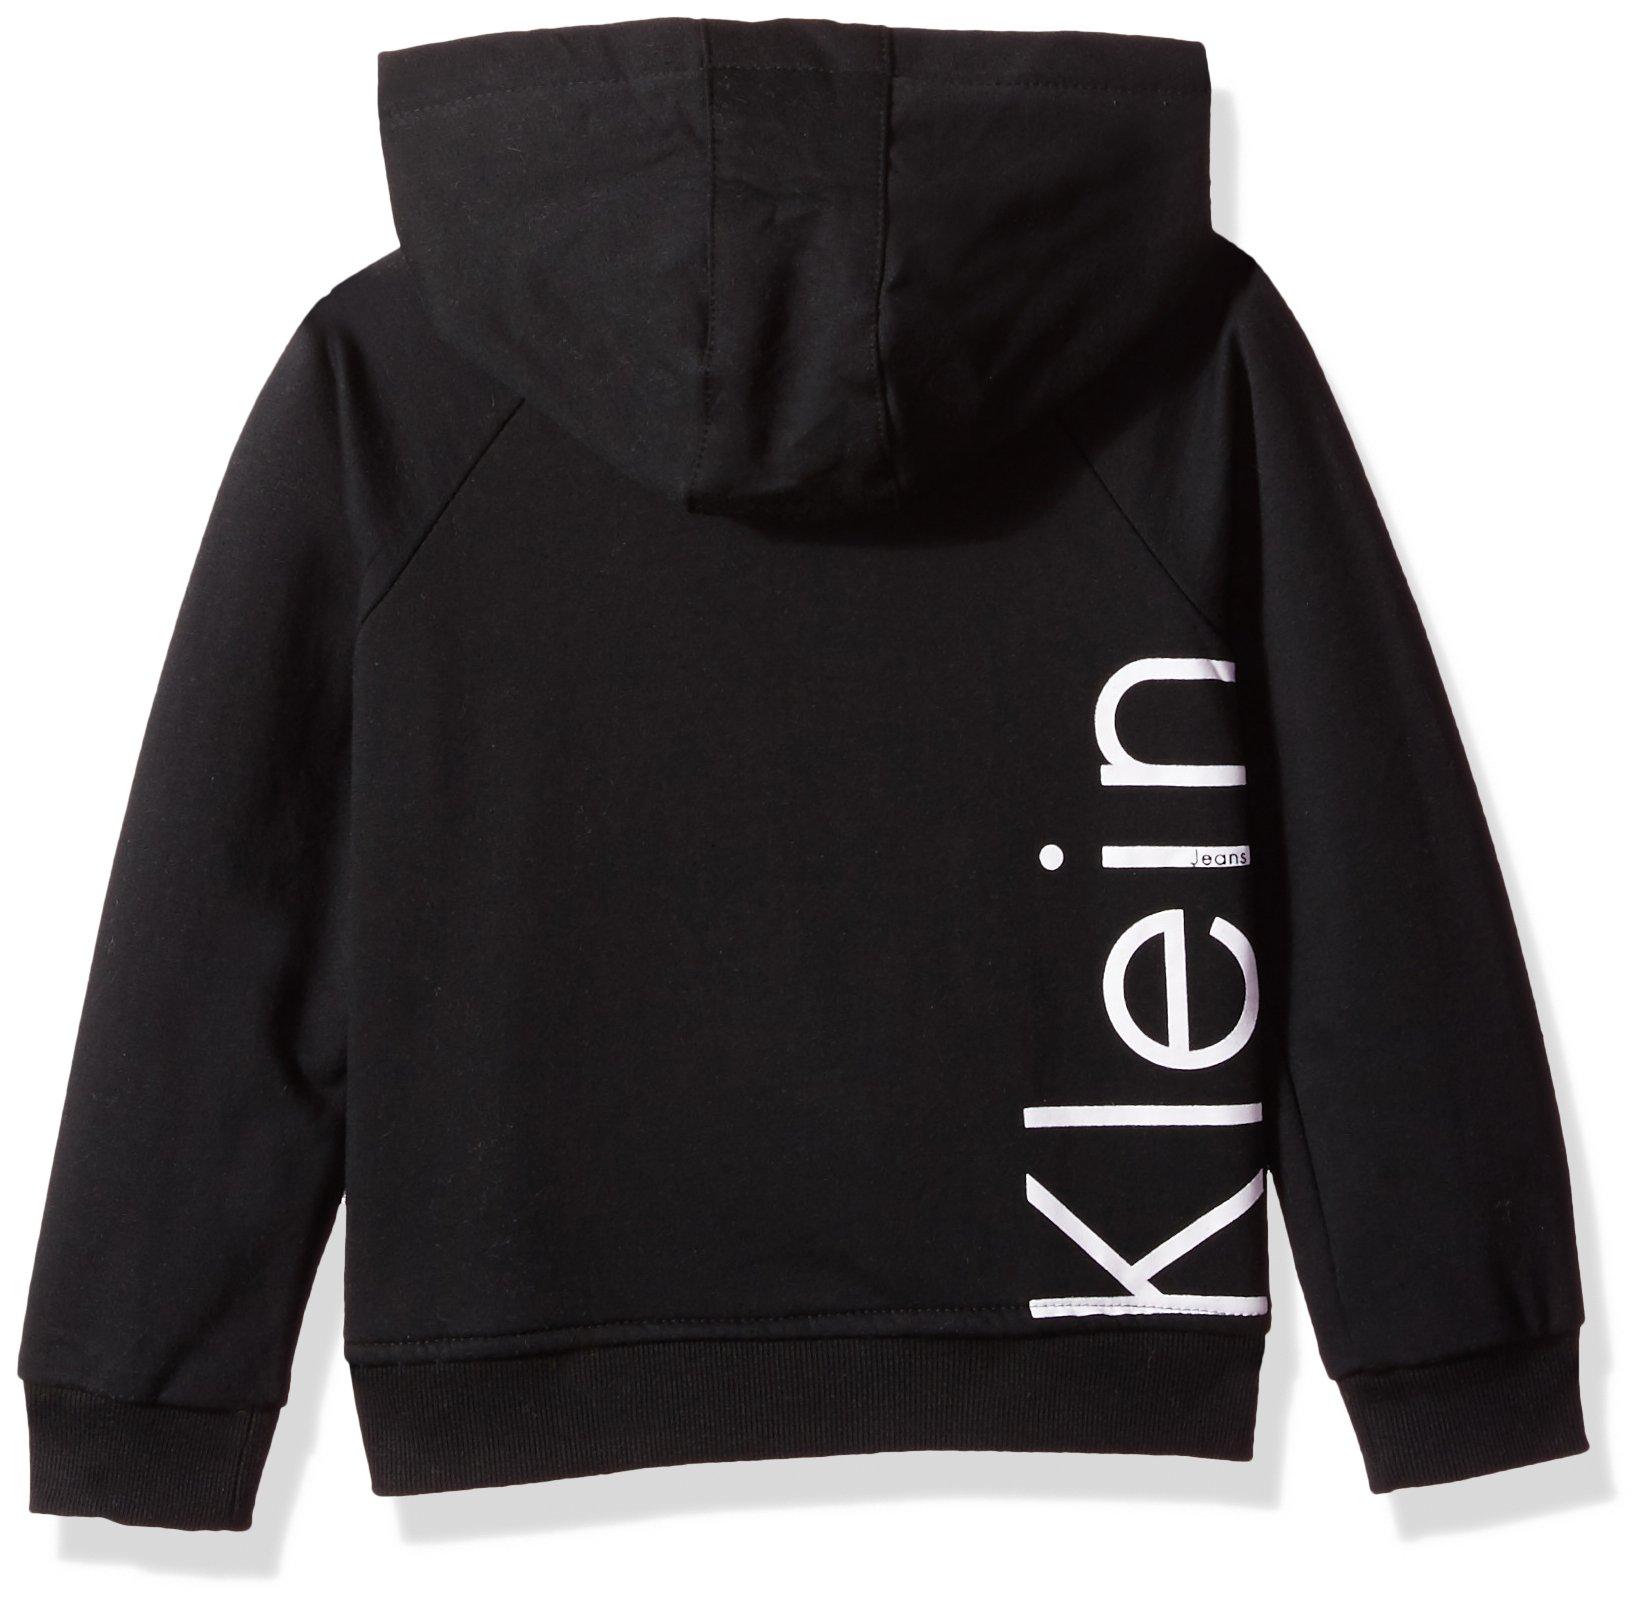 Calvin Klein Big Girls' Logo Zip Front Hoodie, Anthracite, Medium (8/10) by Calvin Klein (Image #2)